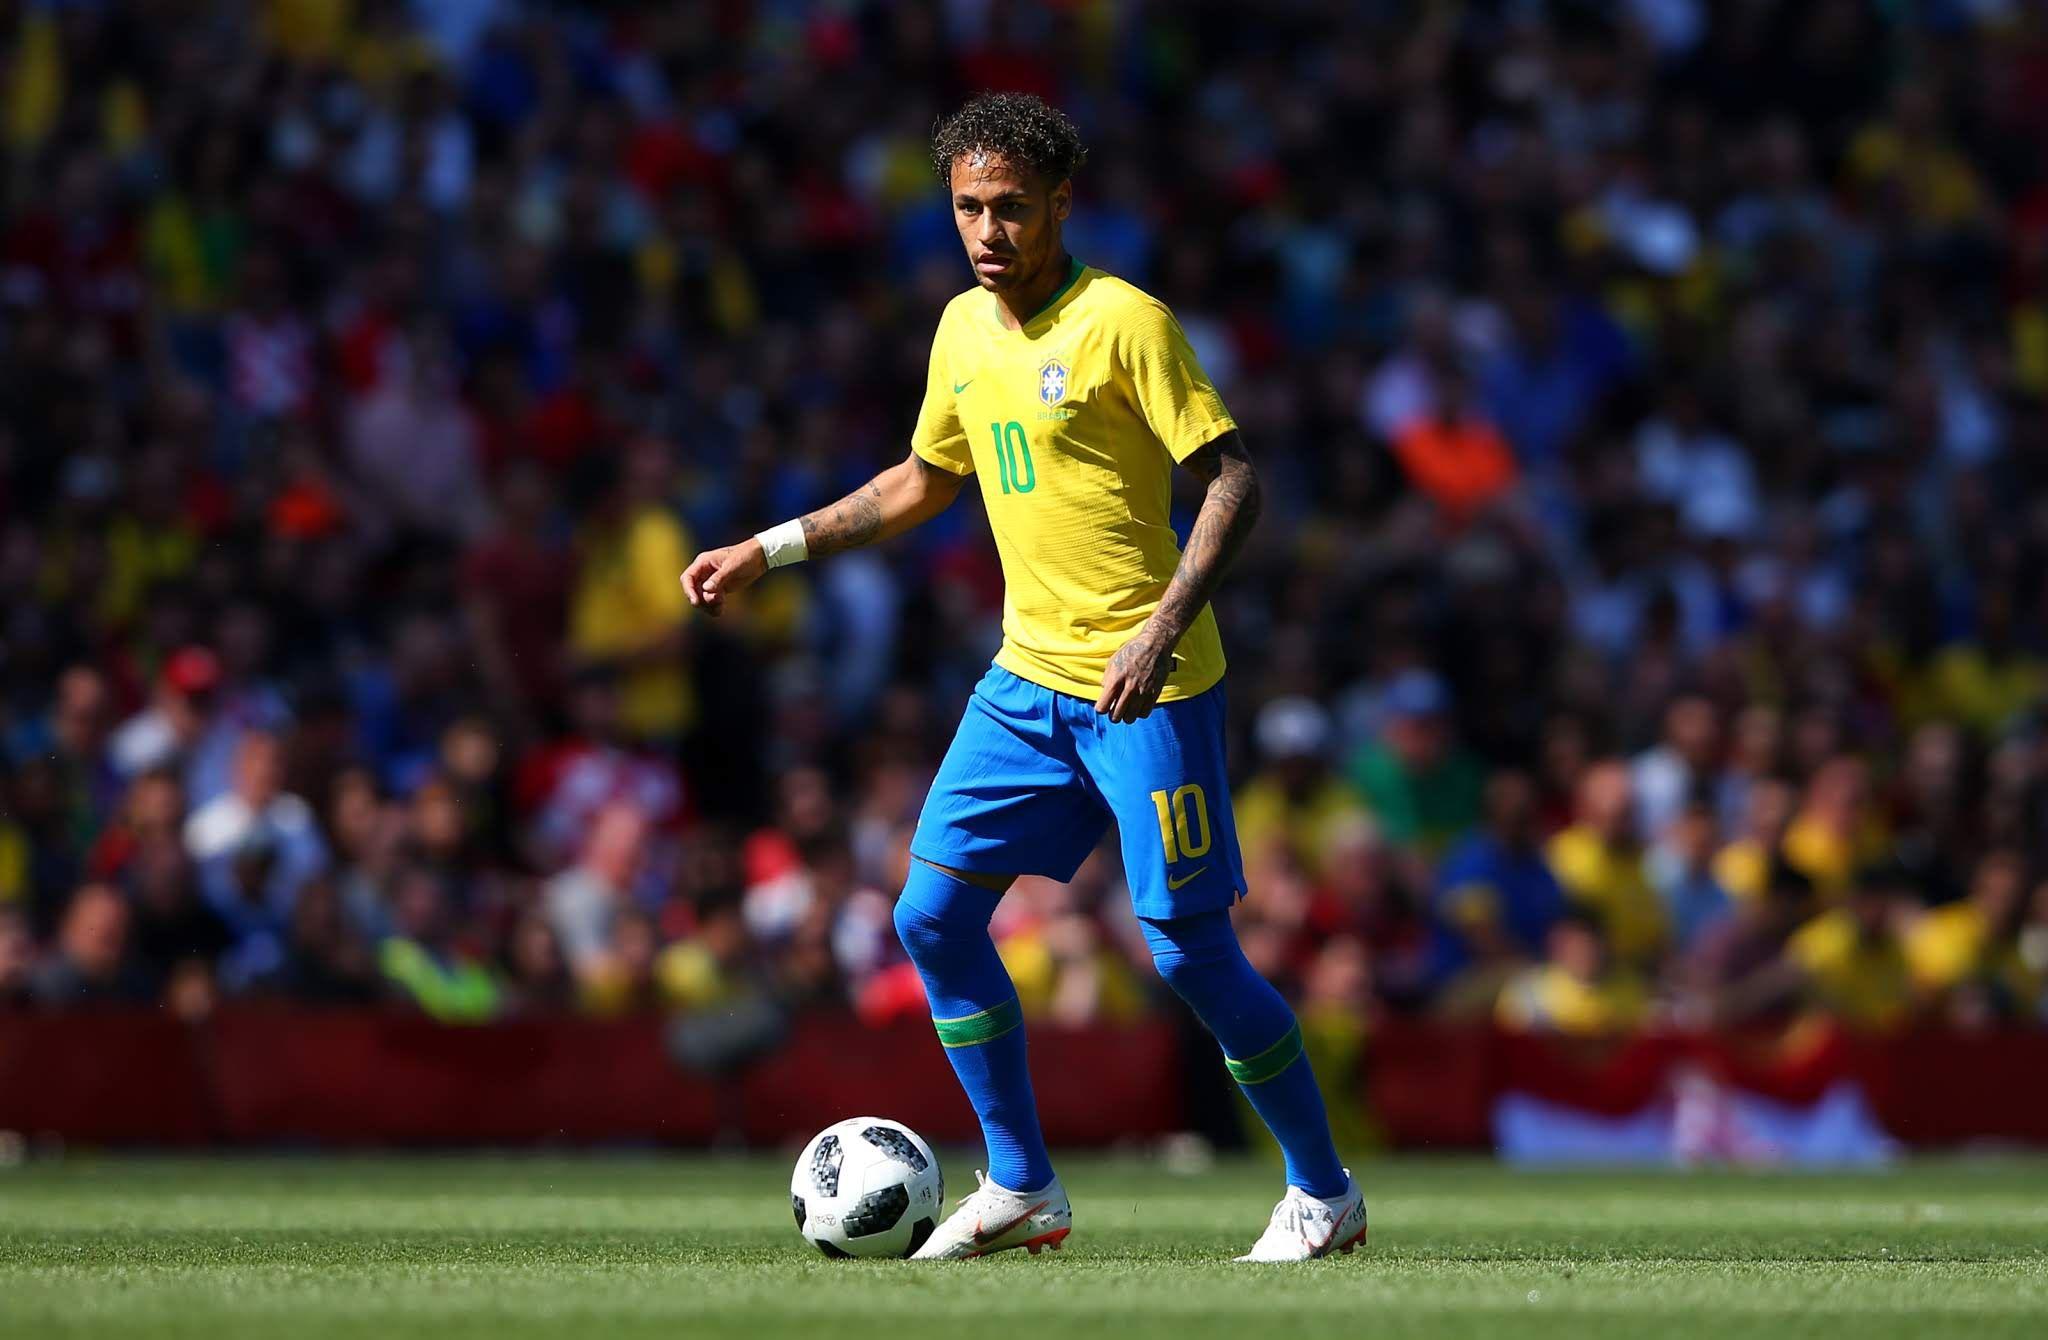 Soccer Brazil Goalkeeper Alisson Claims Neymars Confidence